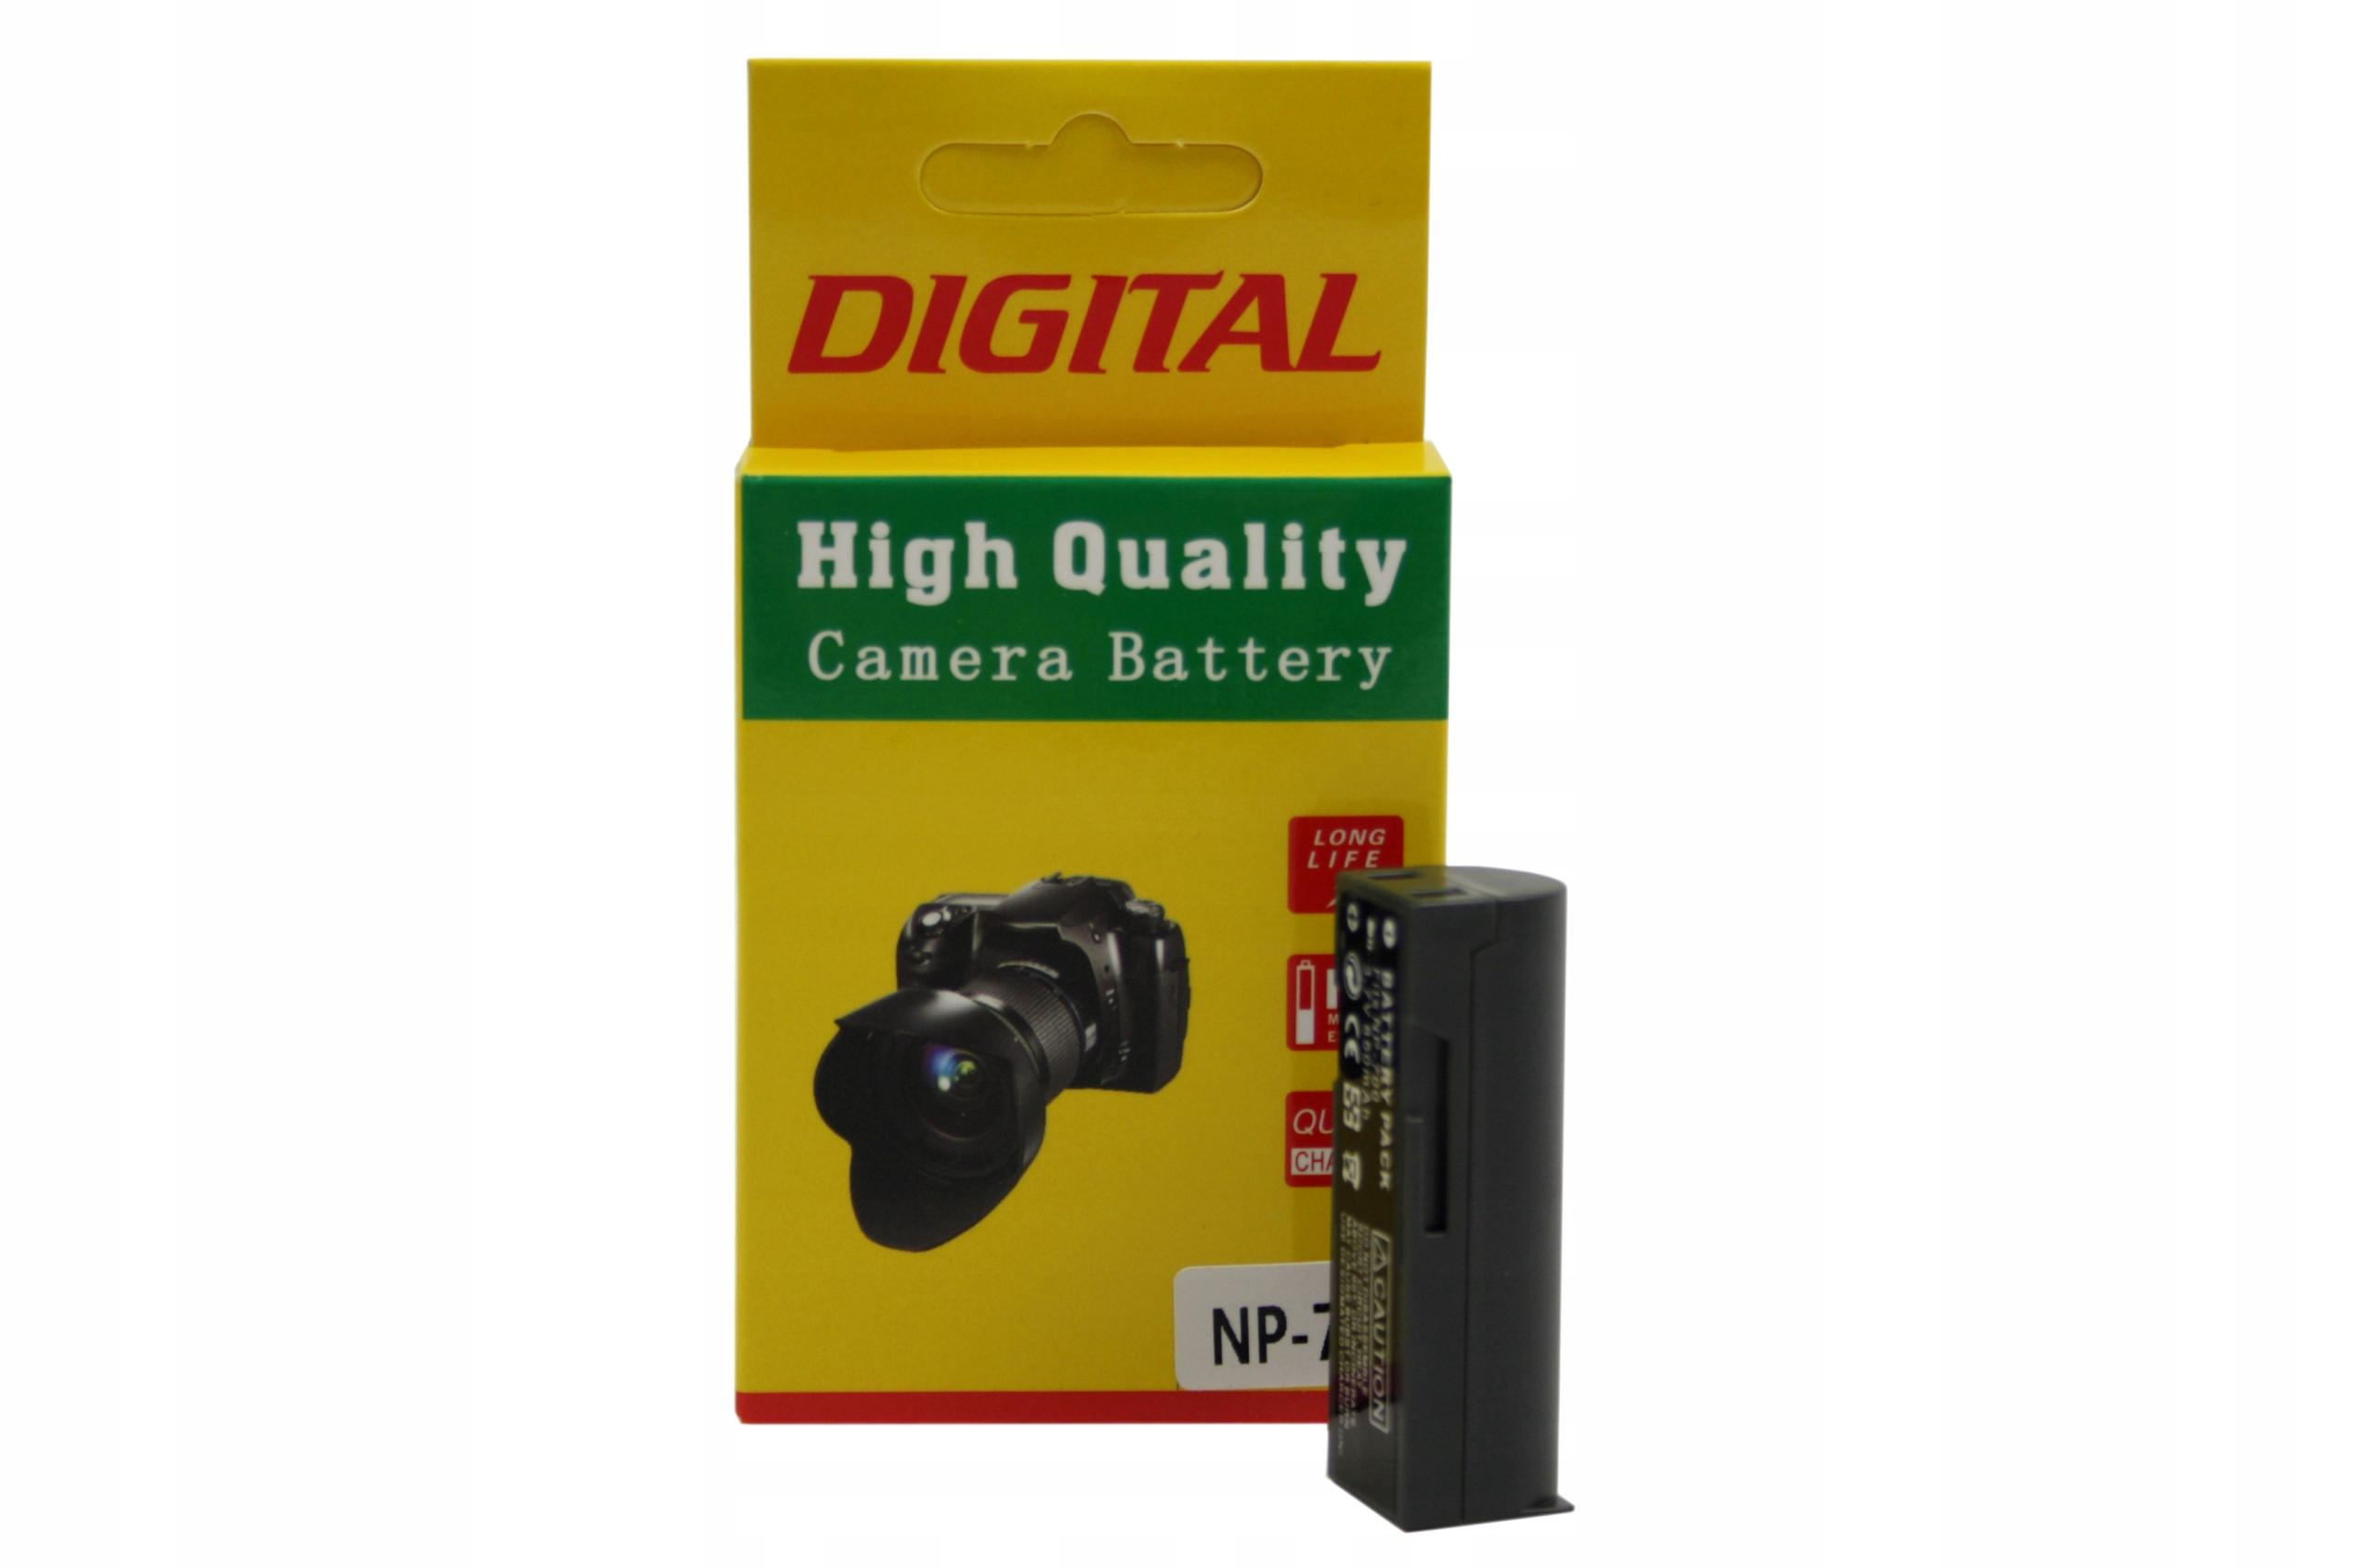 BATERIA AKUMULATOR KONICA MINOLTA DG-X50-K NP-700 - Baterie do aparatów cyfrowych